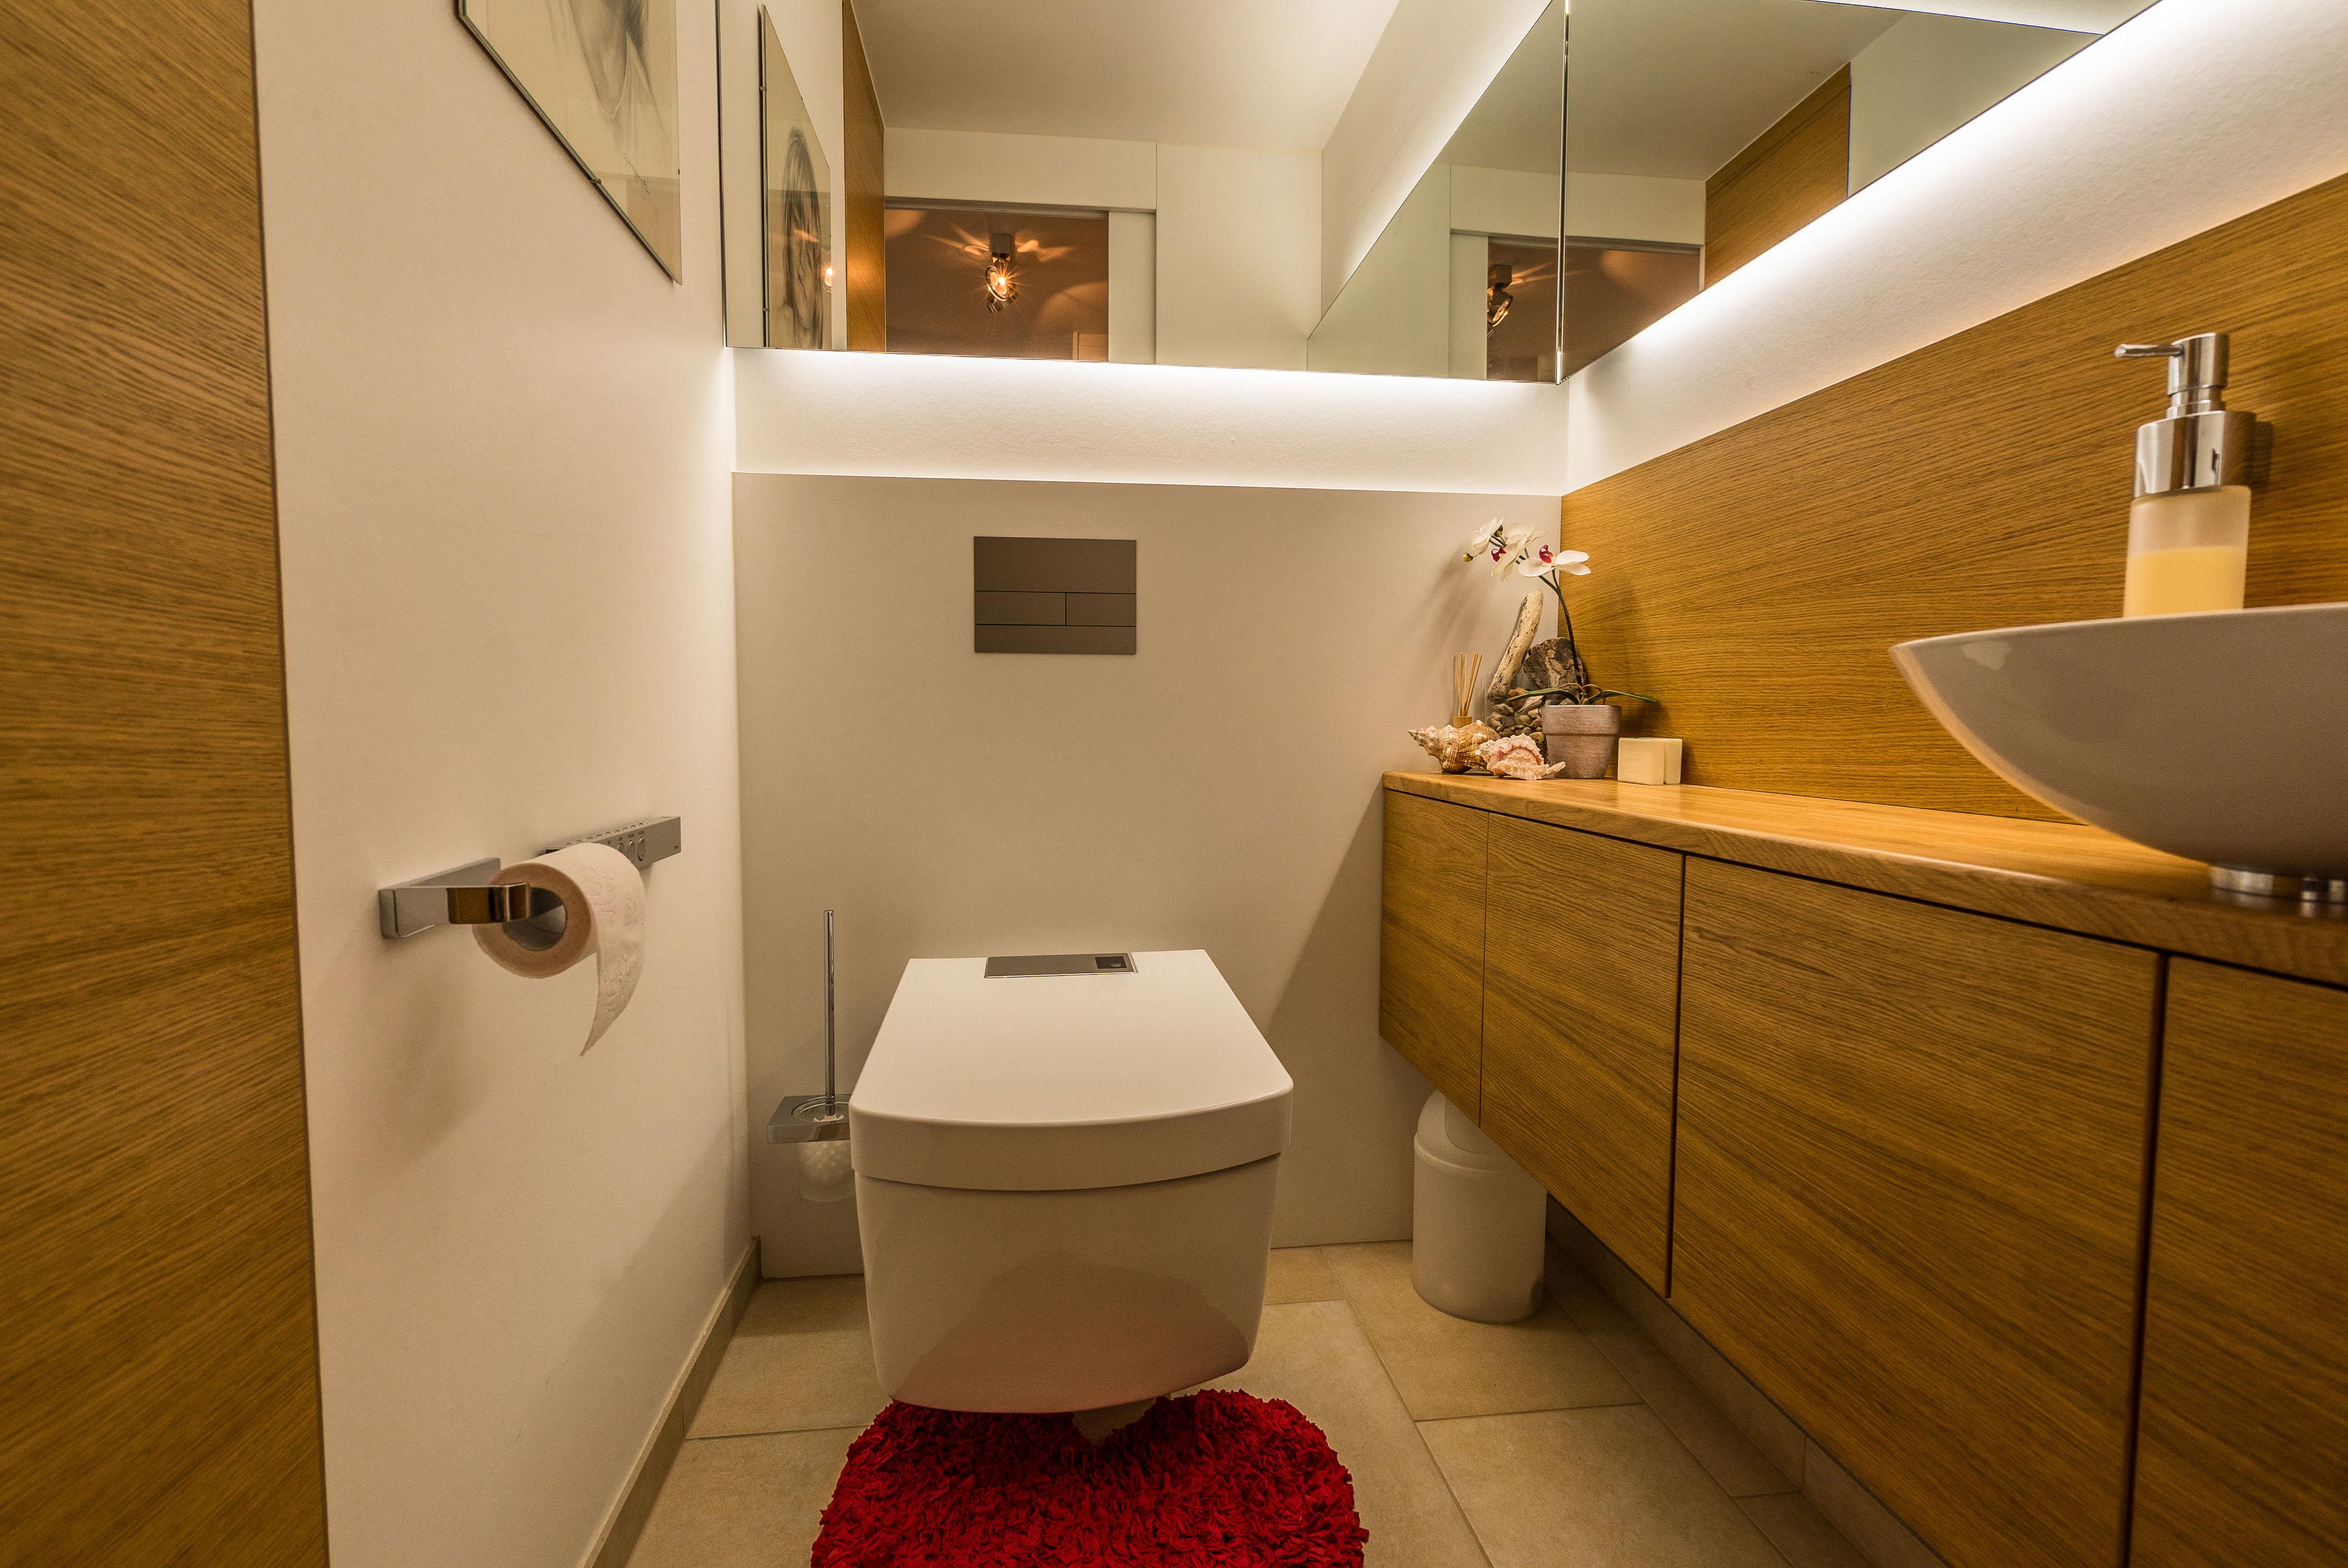 g ste wc mit viel spiegel und stauraum hinkelmann und langer bad design in g ppingen. Black Bedroom Furniture Sets. Home Design Ideas